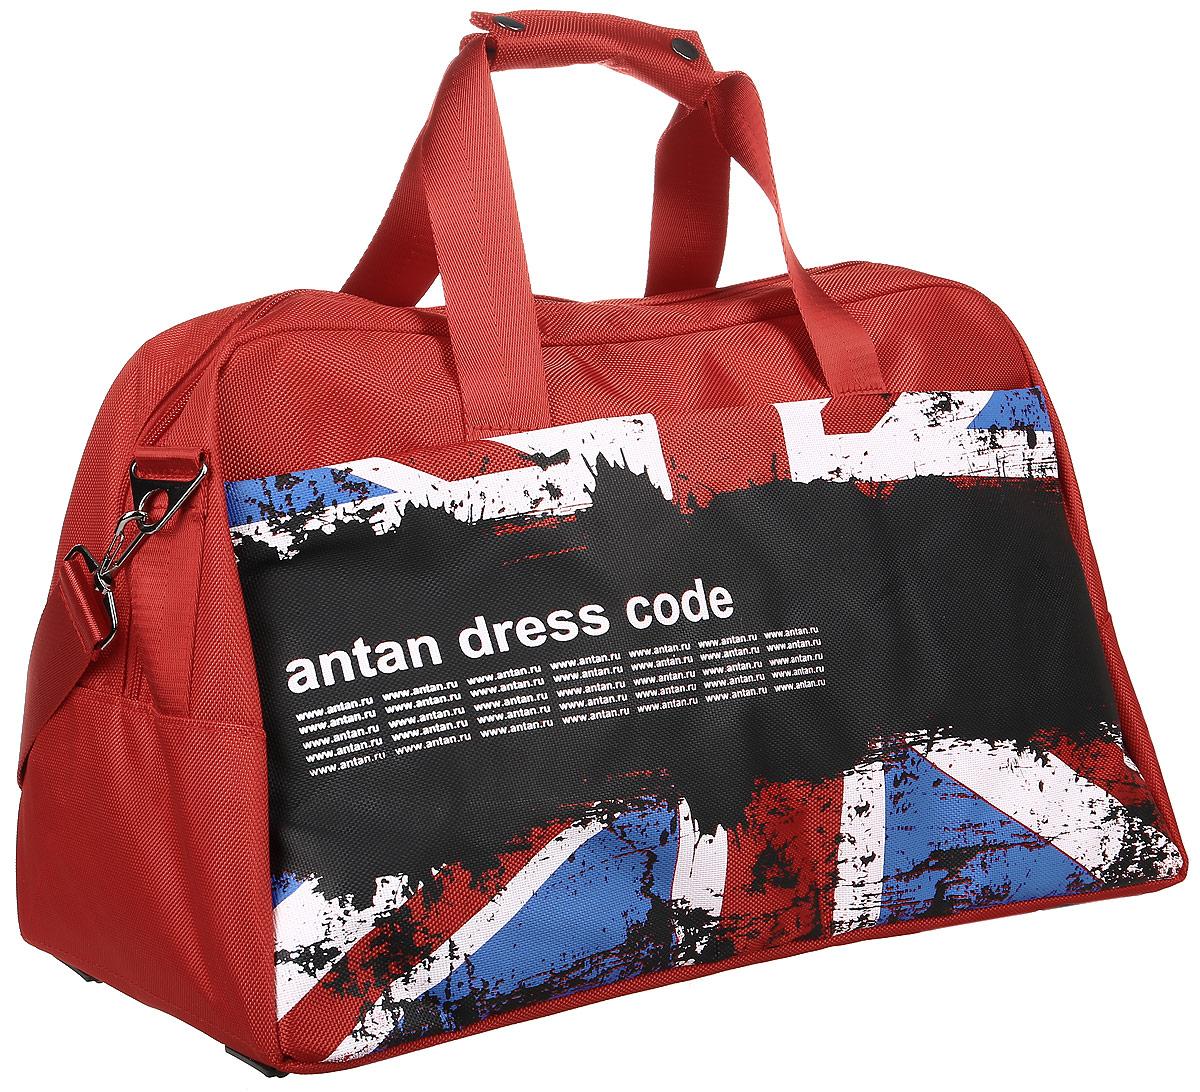 Сумка дорожная Аntan, цвет: красный. 46200107487767021.2Вместительная дорожная сумка Аntan выполнена из текстиля. Изделие имеет одно отделение, которое закрывается на застежку-молнию. Внутри модель дополнена двумя сетчатыми карманами. Снаружи, на передней стенке расположен карман на застежке-молнии. Сумка дополнена двумя удобными ручками. В комплект входит съемный регулируемый плечевой ремень. Основание изделия защищено от повреждений пластиковыми ножками.